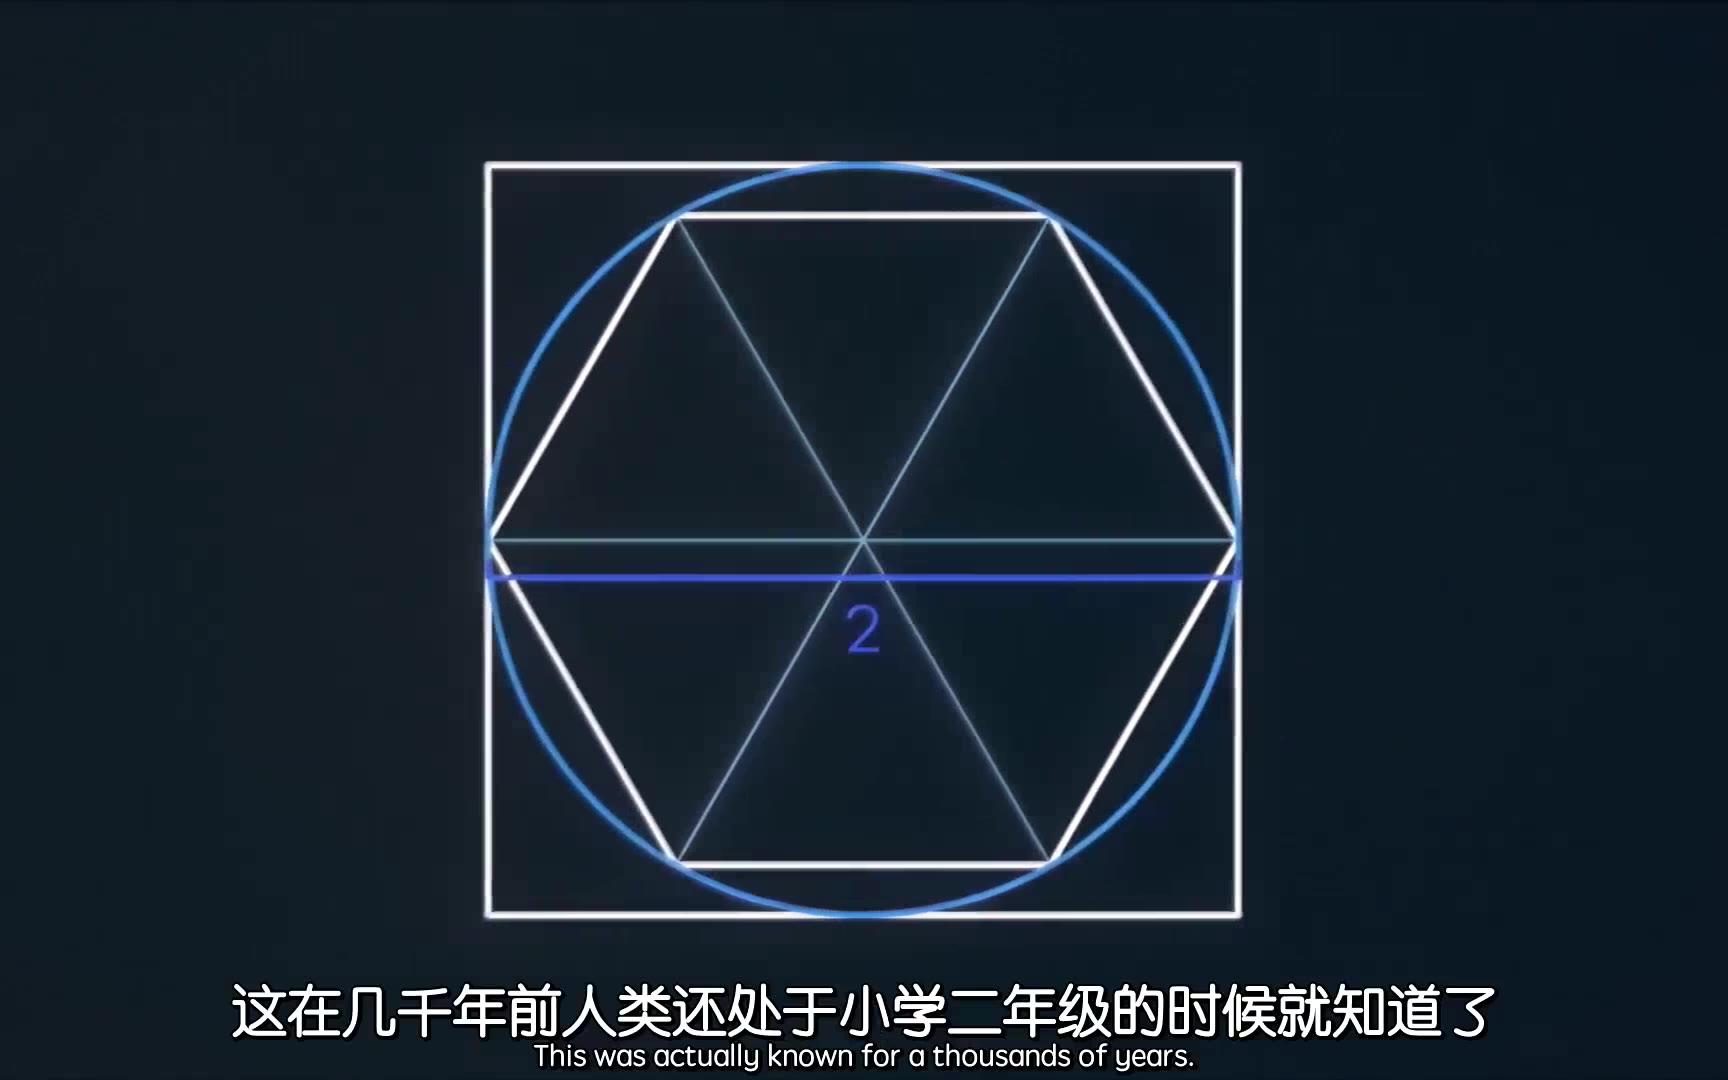 [震撼]牛顿老仙的圆周率的神奇算法【Veritasium真理元素】